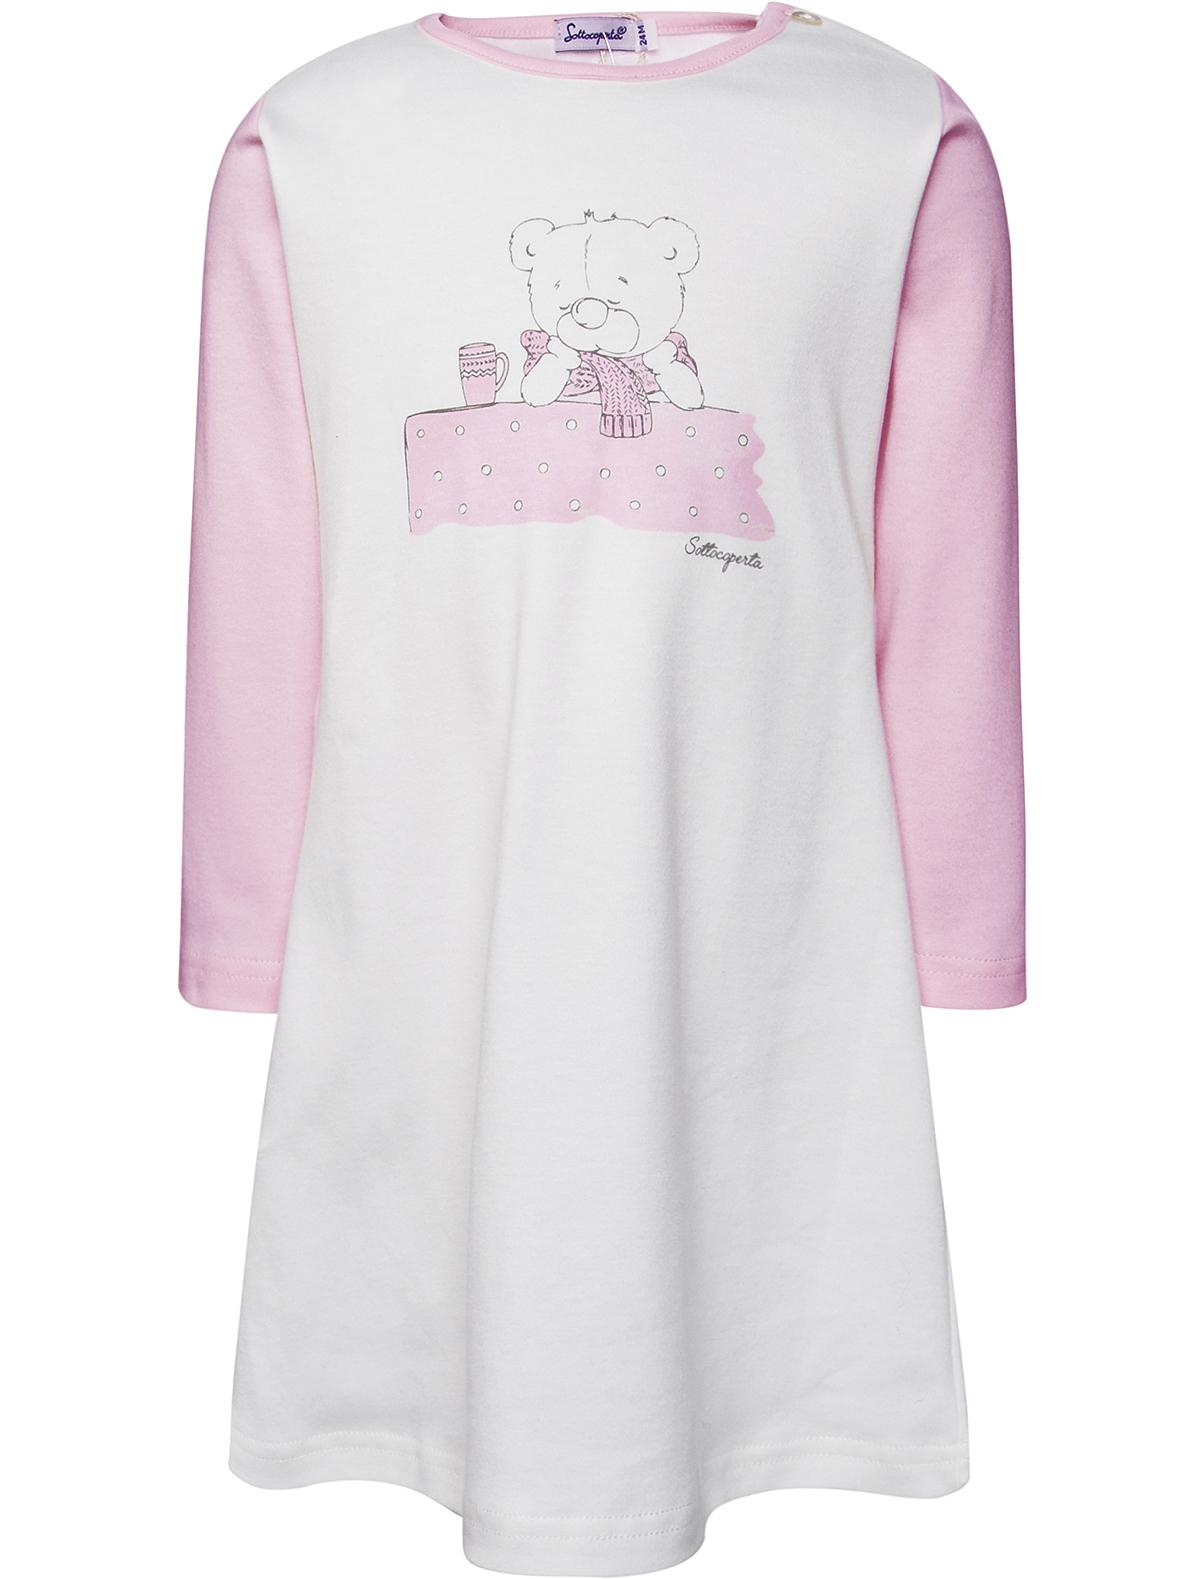 1929236, Ночная рубашка Sottocoperta, разноцветный, Женский, 3343009781189  - купить со скидкой